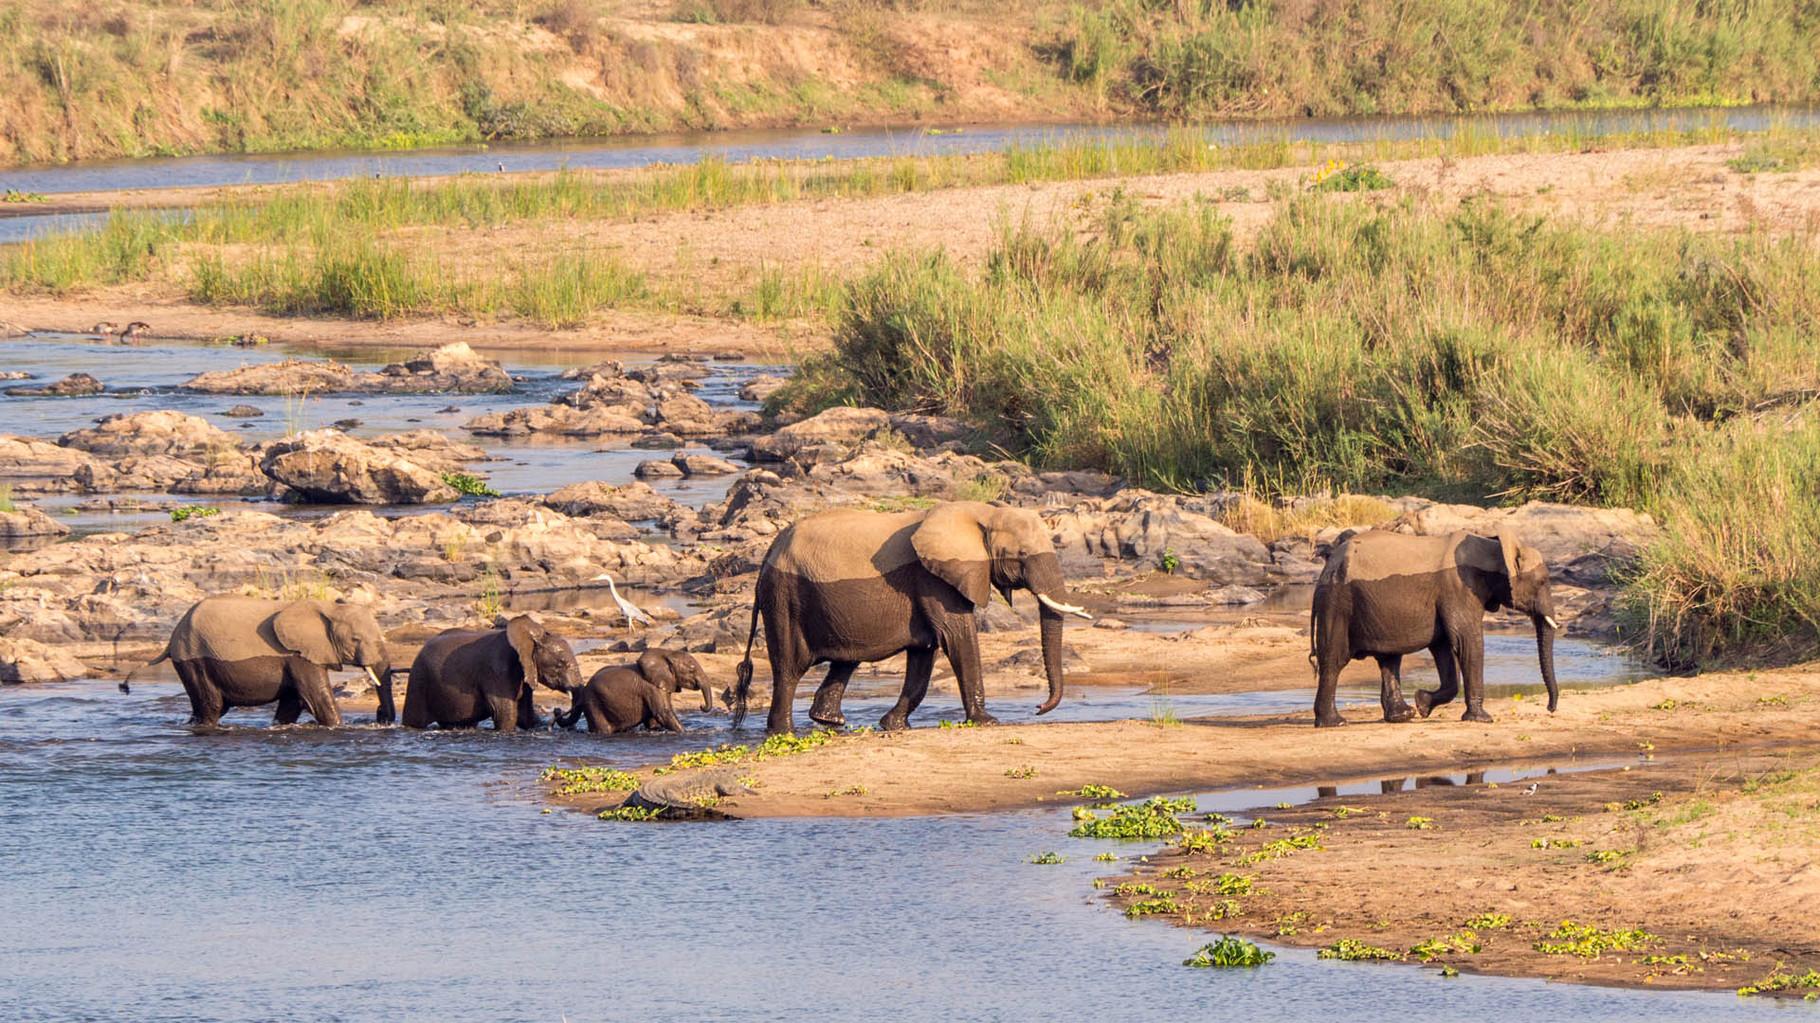 Elefants [Kruger Park, South Africa, 2015]